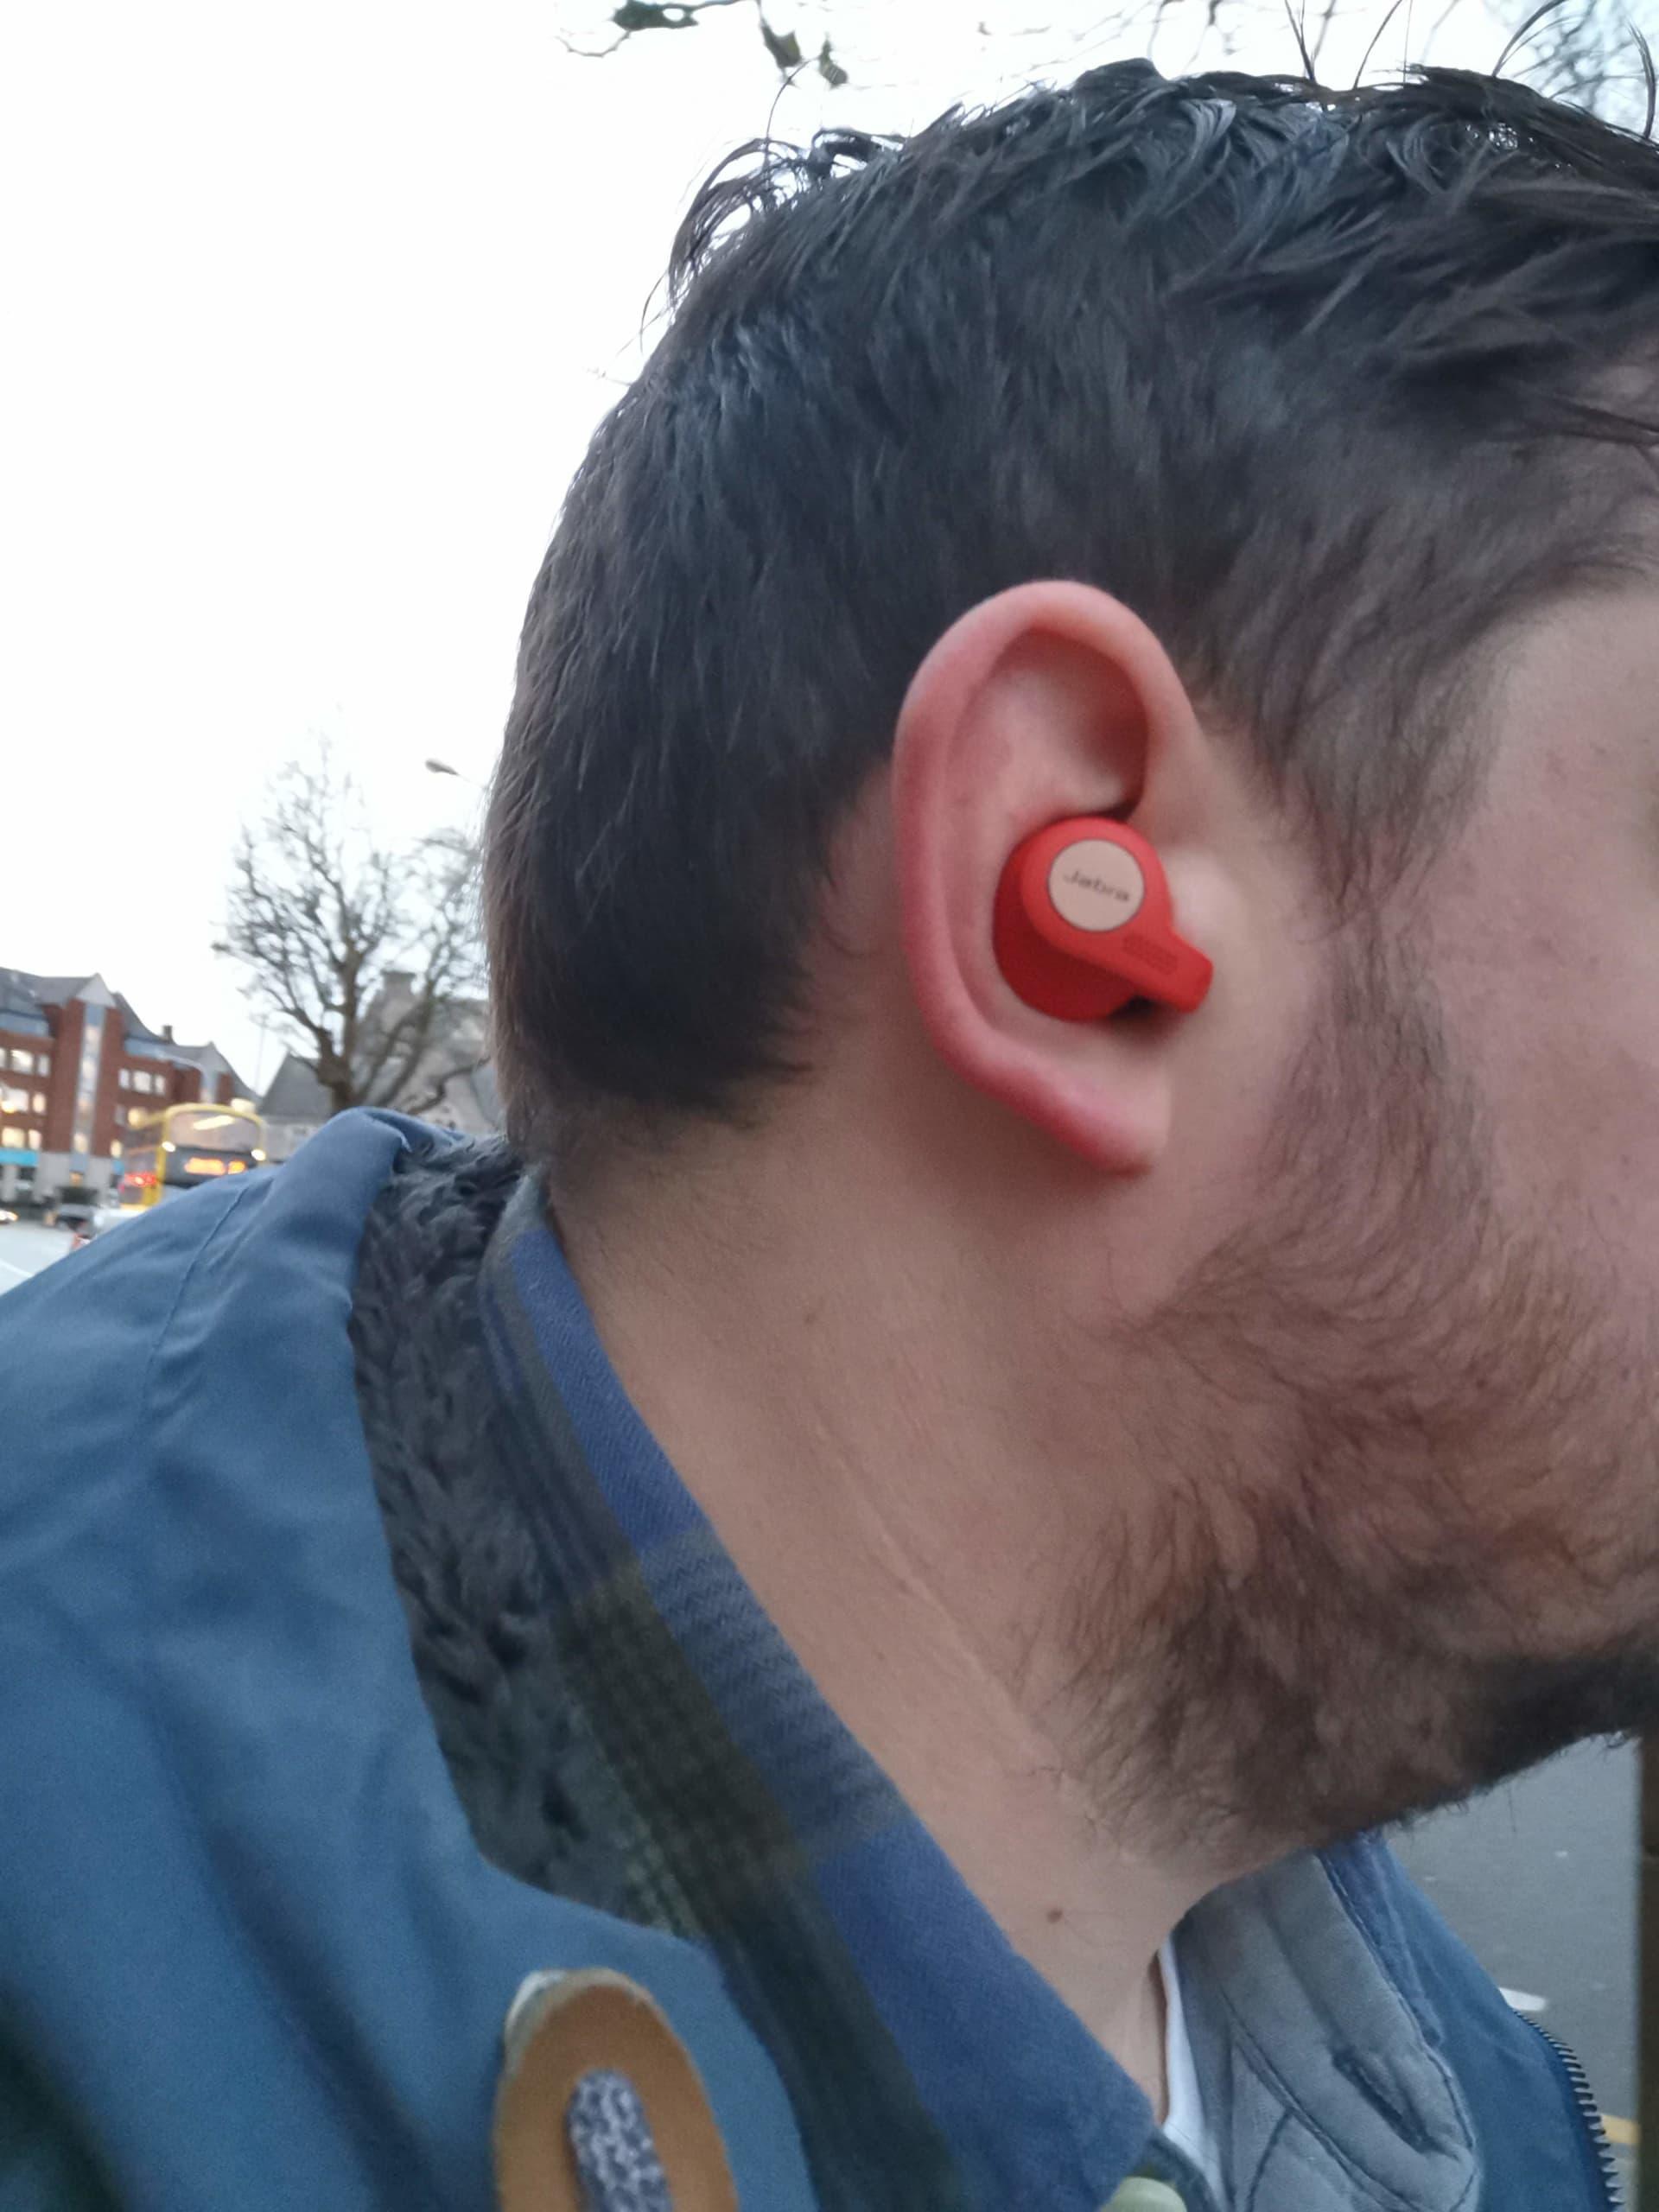 jabra in ear